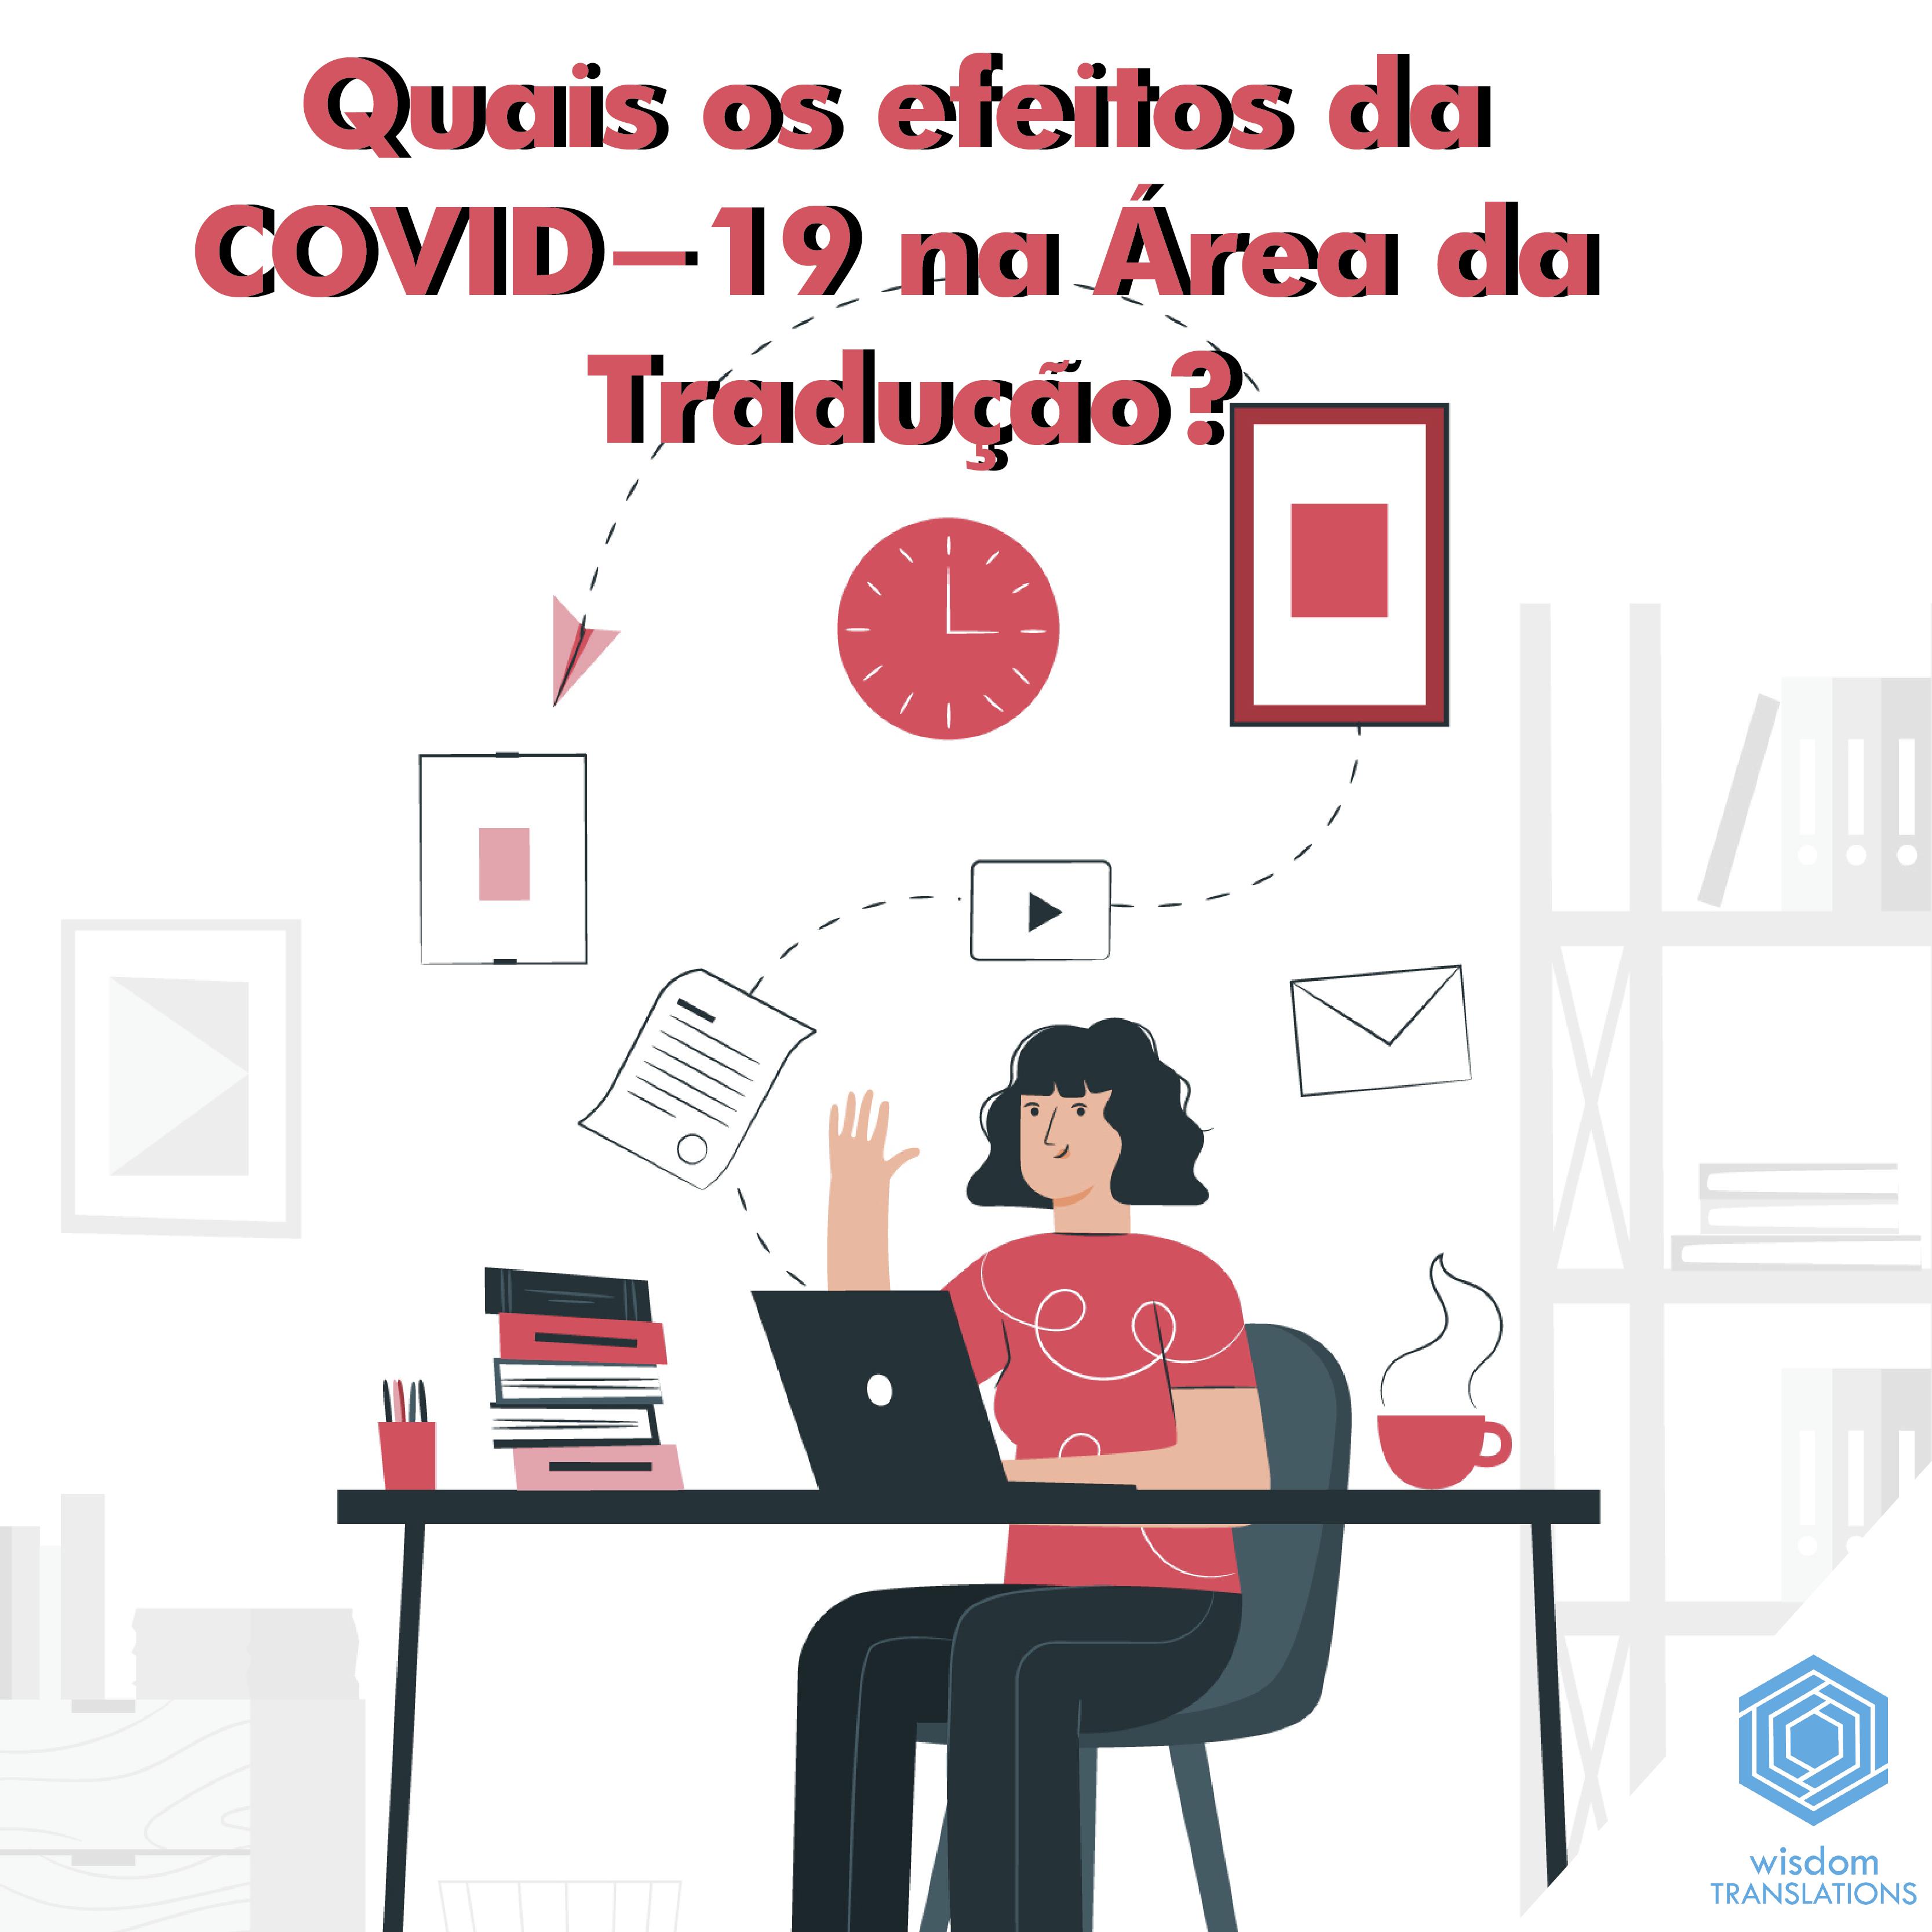 Quais os efeitos da COVID-19 na Área da Tradução?